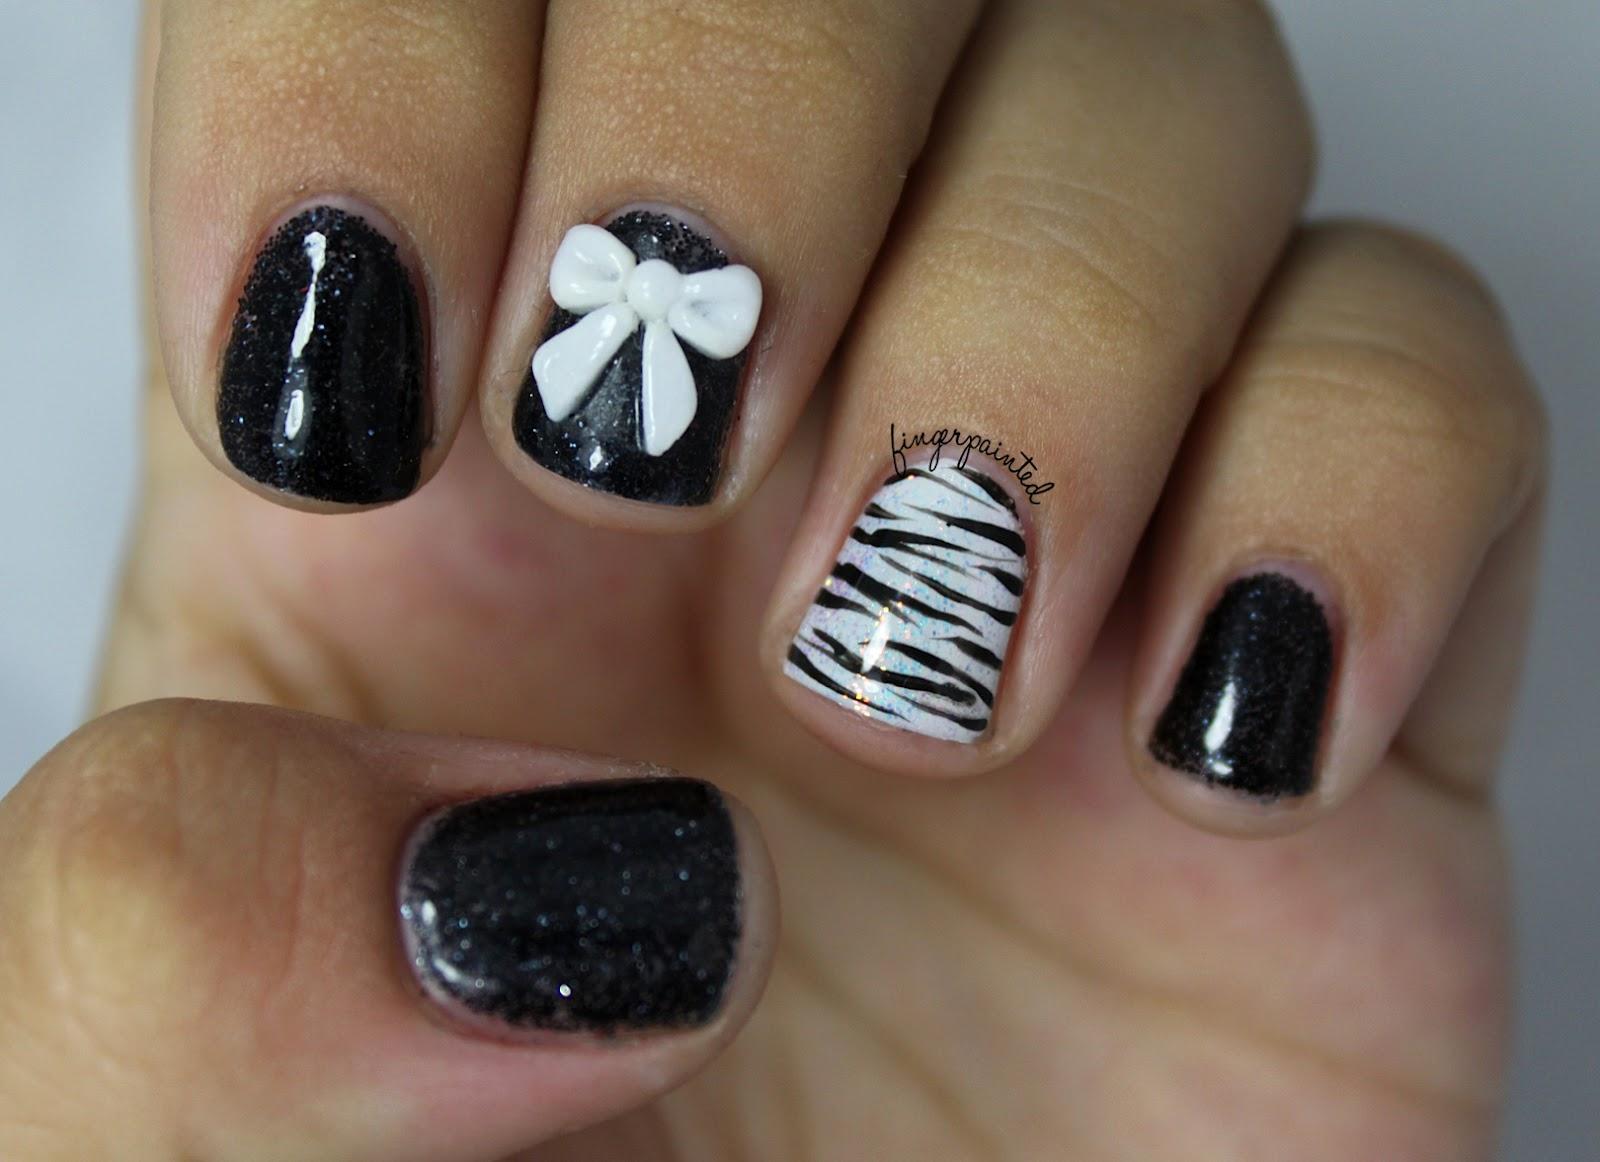 http://1.bp.blogspot.com/-4pSwelxbK_g/UBoUEfZp_JI/AAAAAAAACH4/hObuNgbq57M/s1600/black-bow-nails.jpg